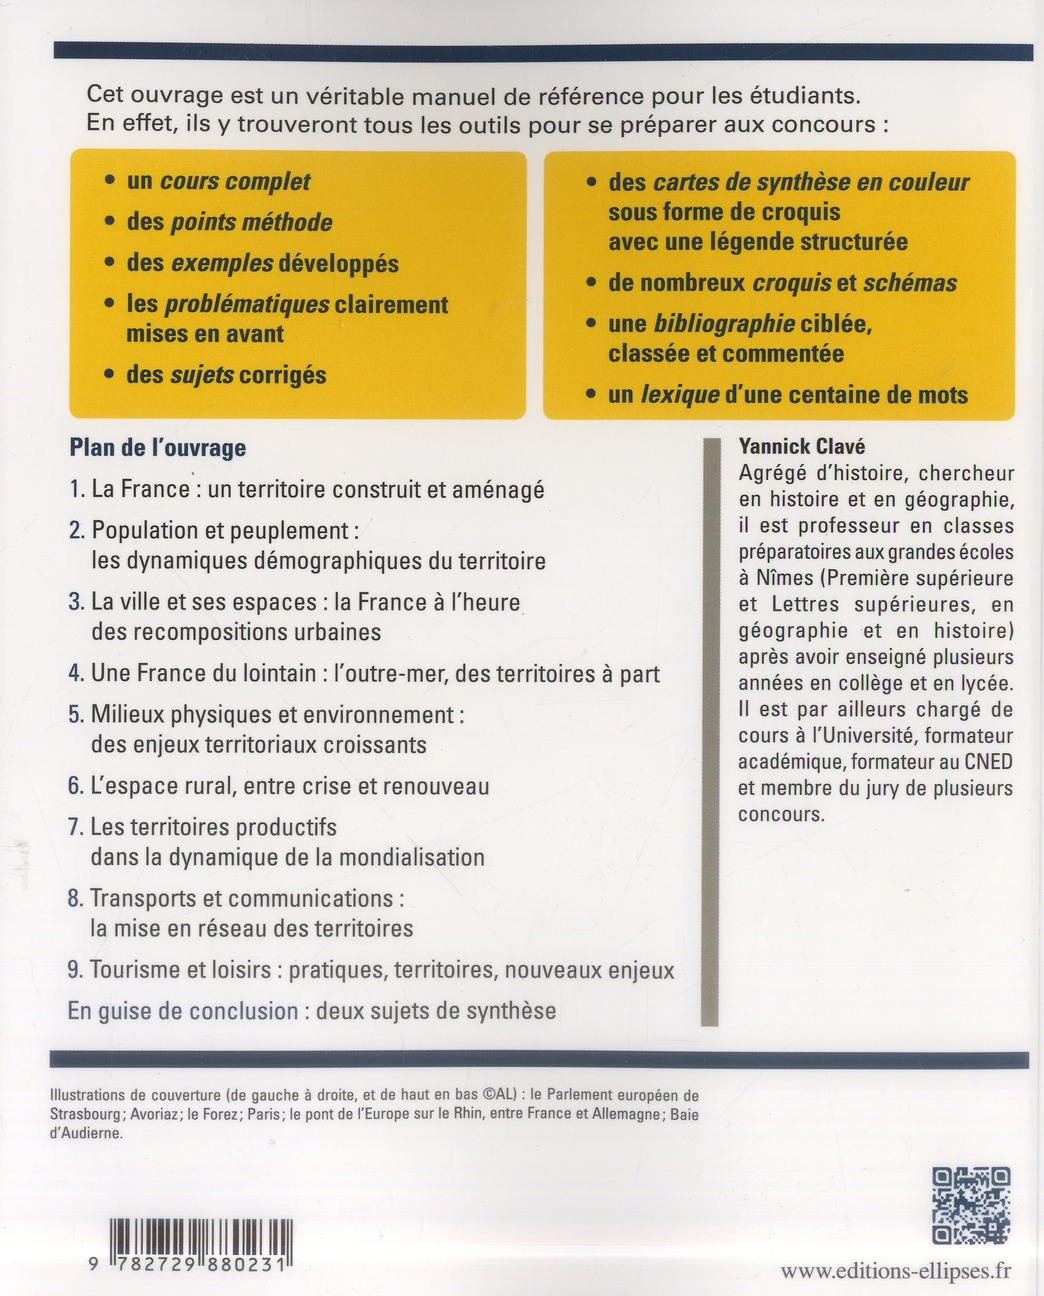 géographie de la France ; cours, méthode, sujets